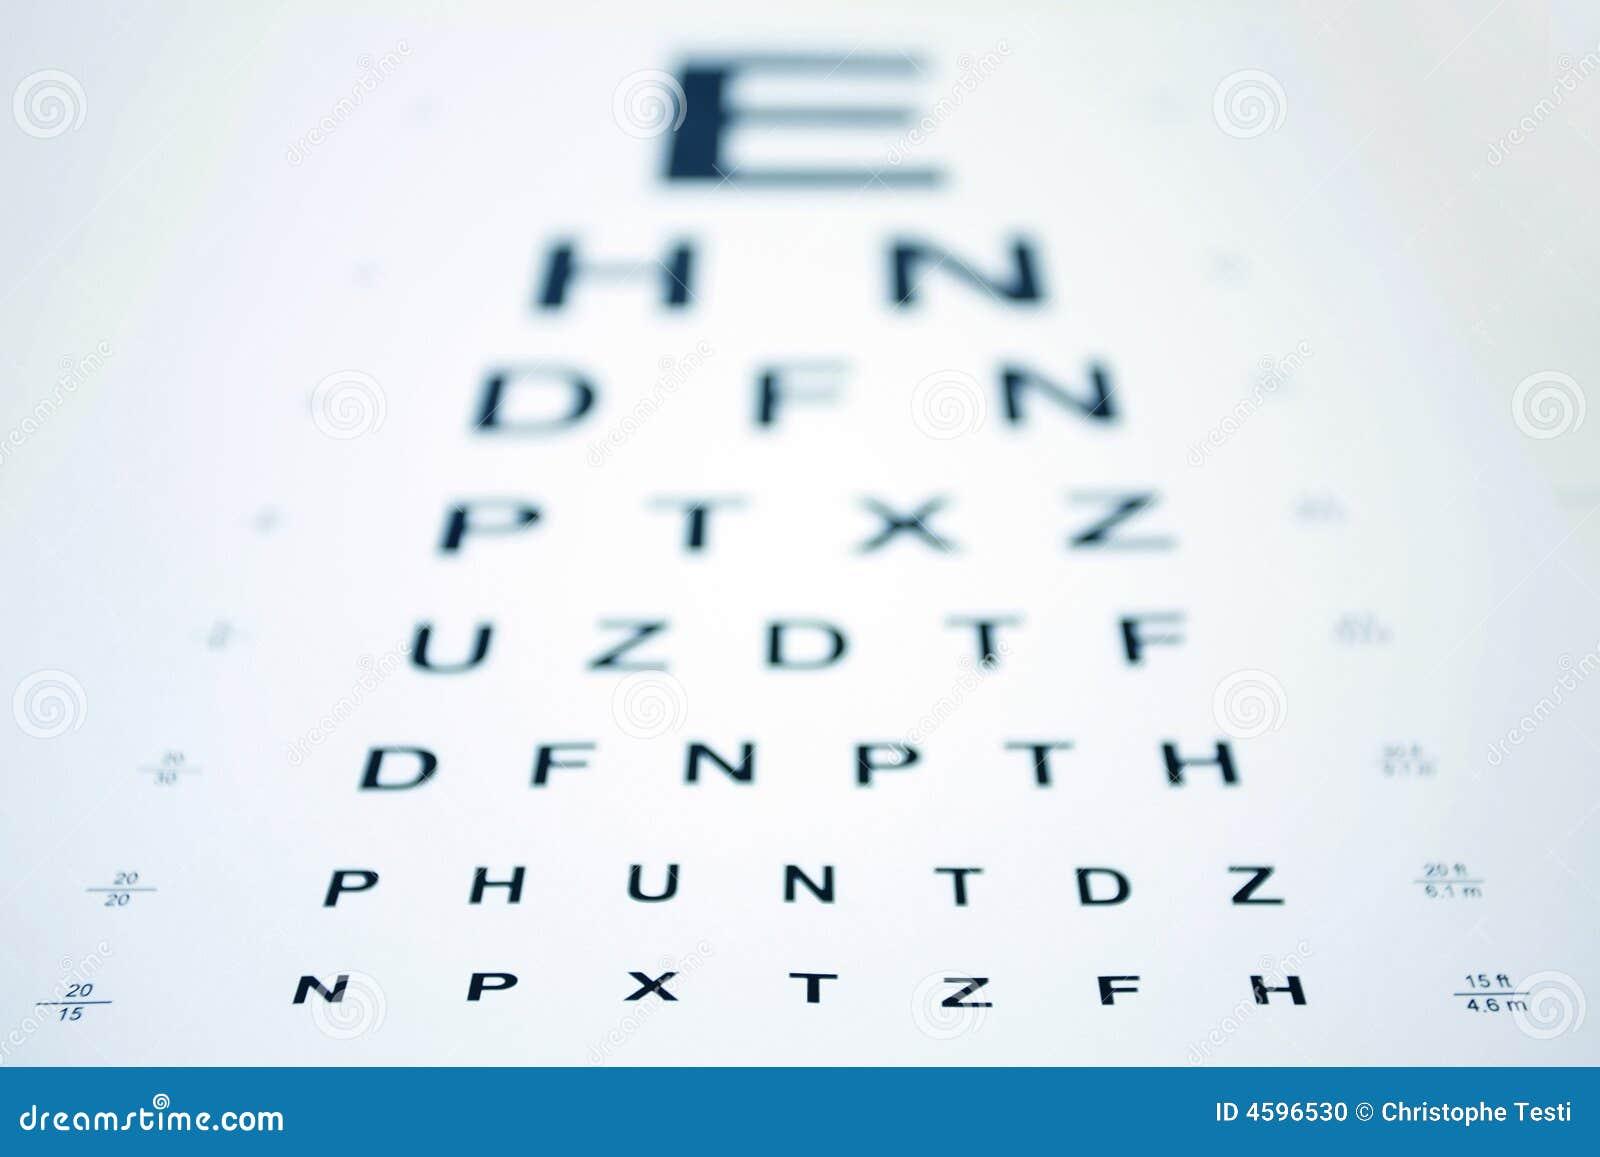 Snellen eye chart stock photo image of letters myopia 4596530 snellen eye chart geenschuldenfo Choice Image